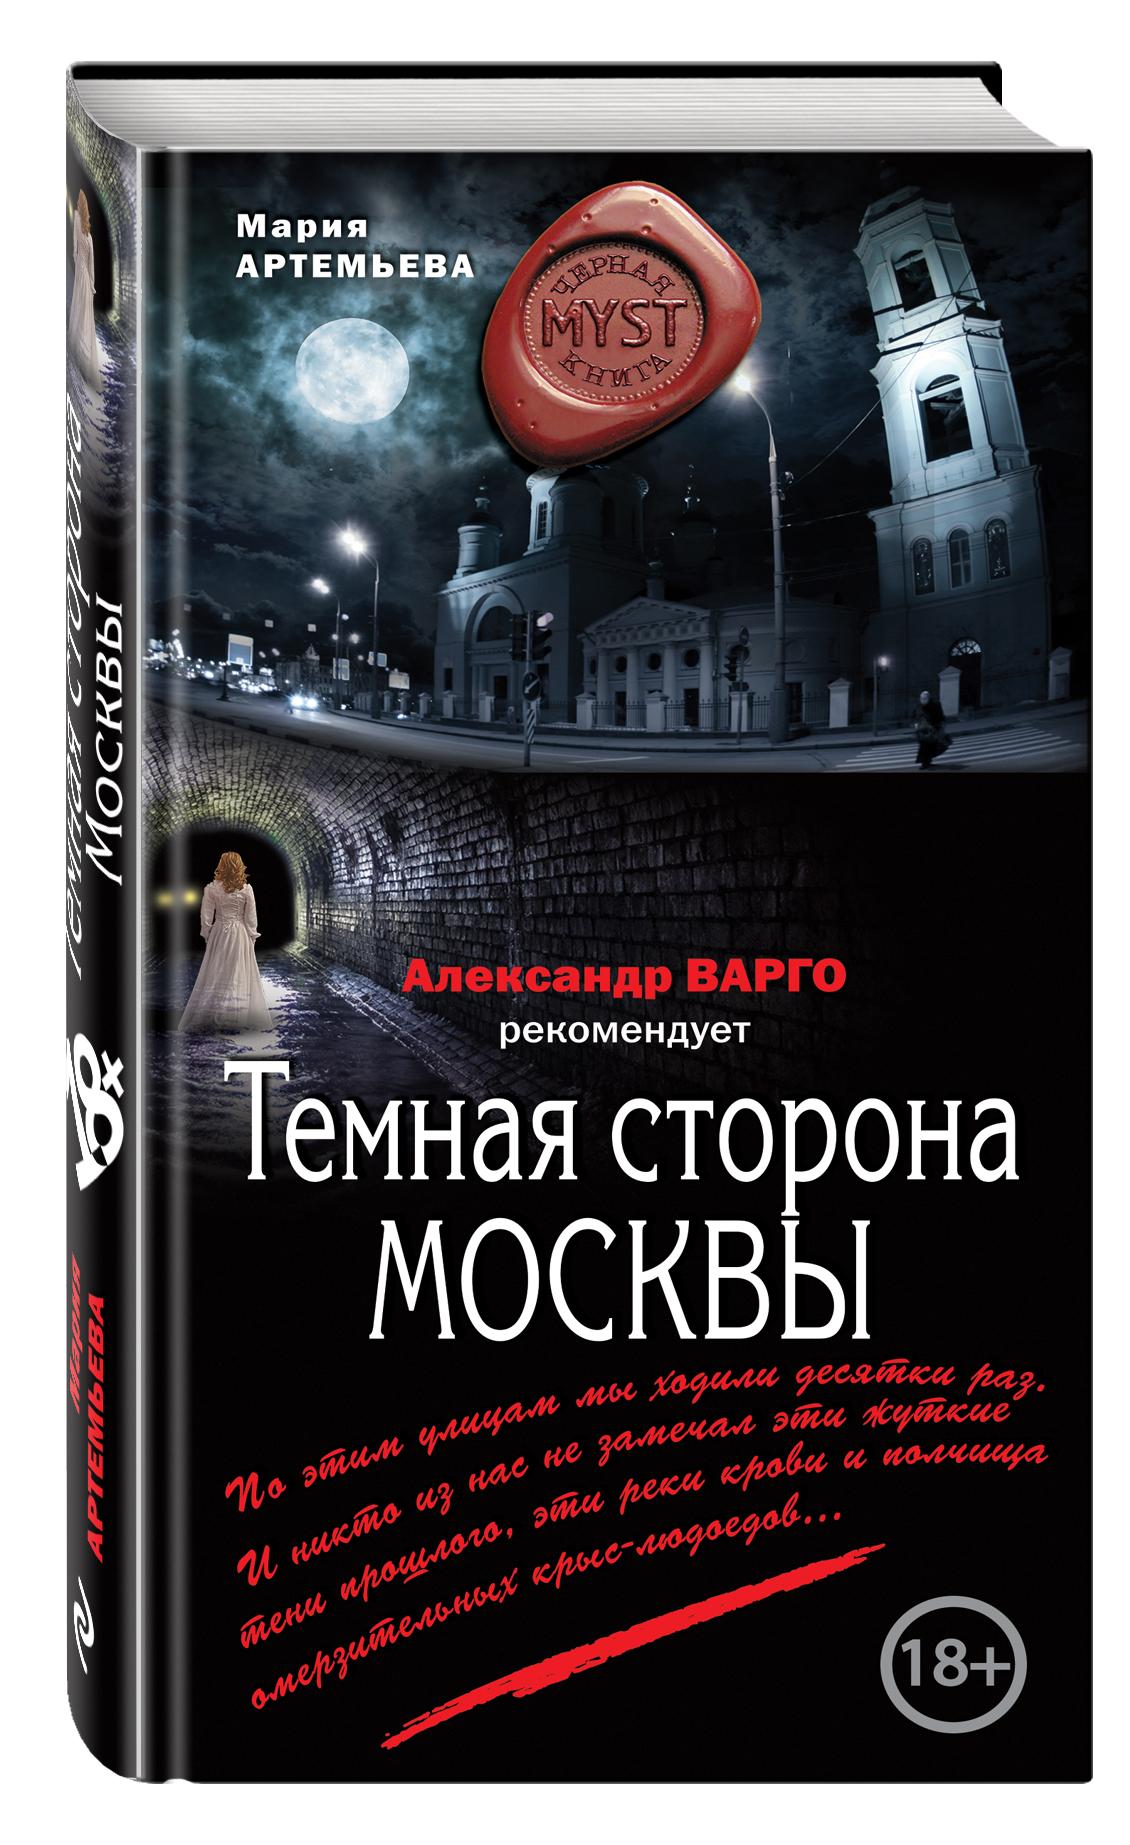 Темная сторона Москвы ( Артемьева М.Г.  )